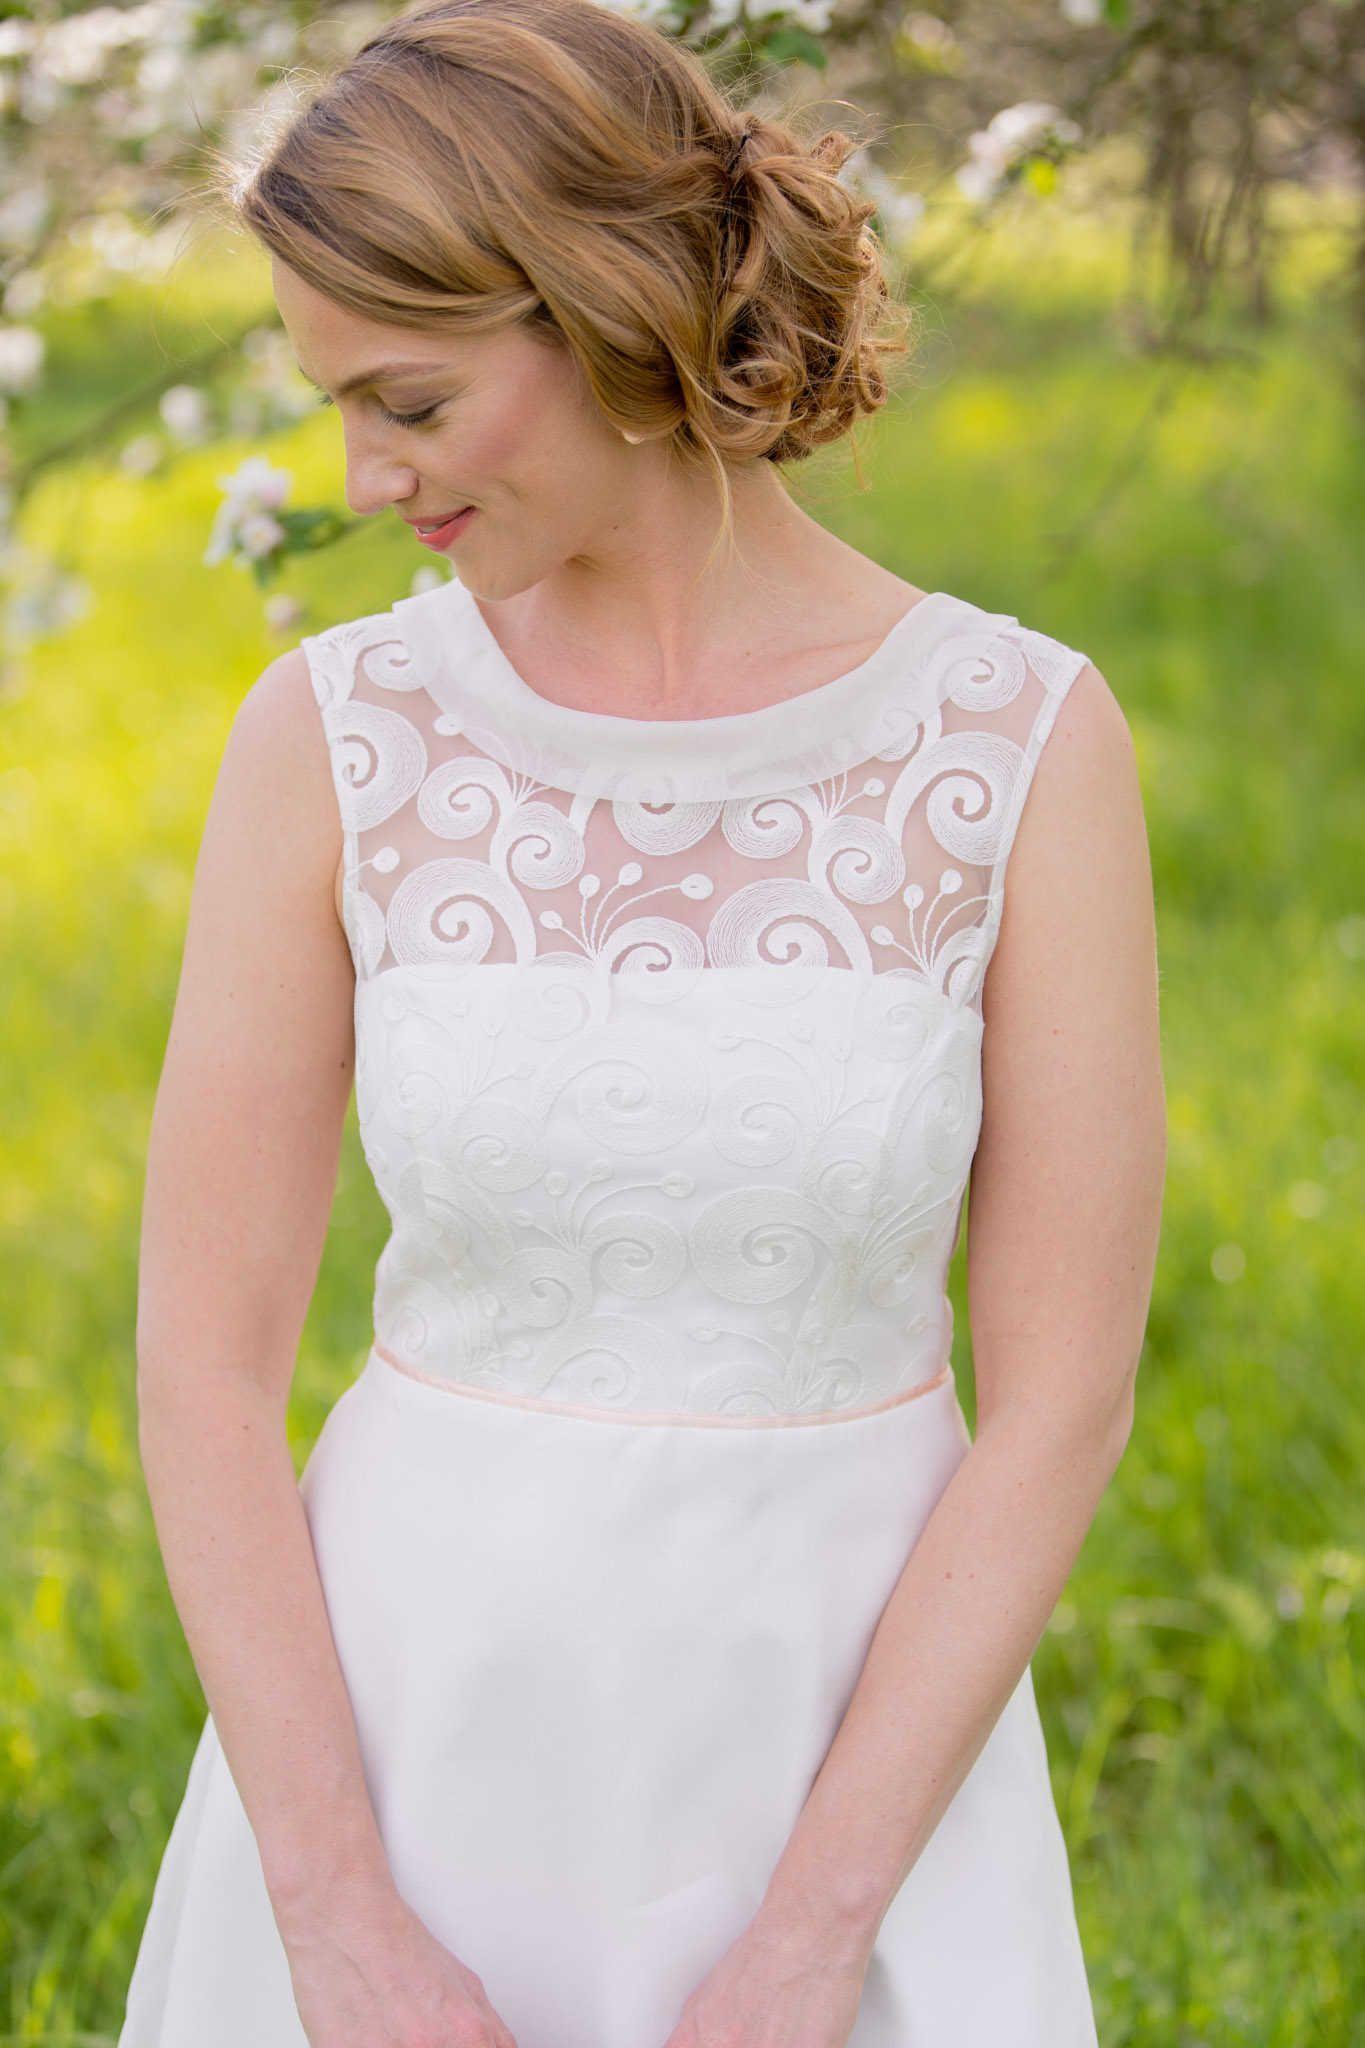 Kurzes Hochzeitskleid - hochgeschlossen, mit Spitze und hübschem